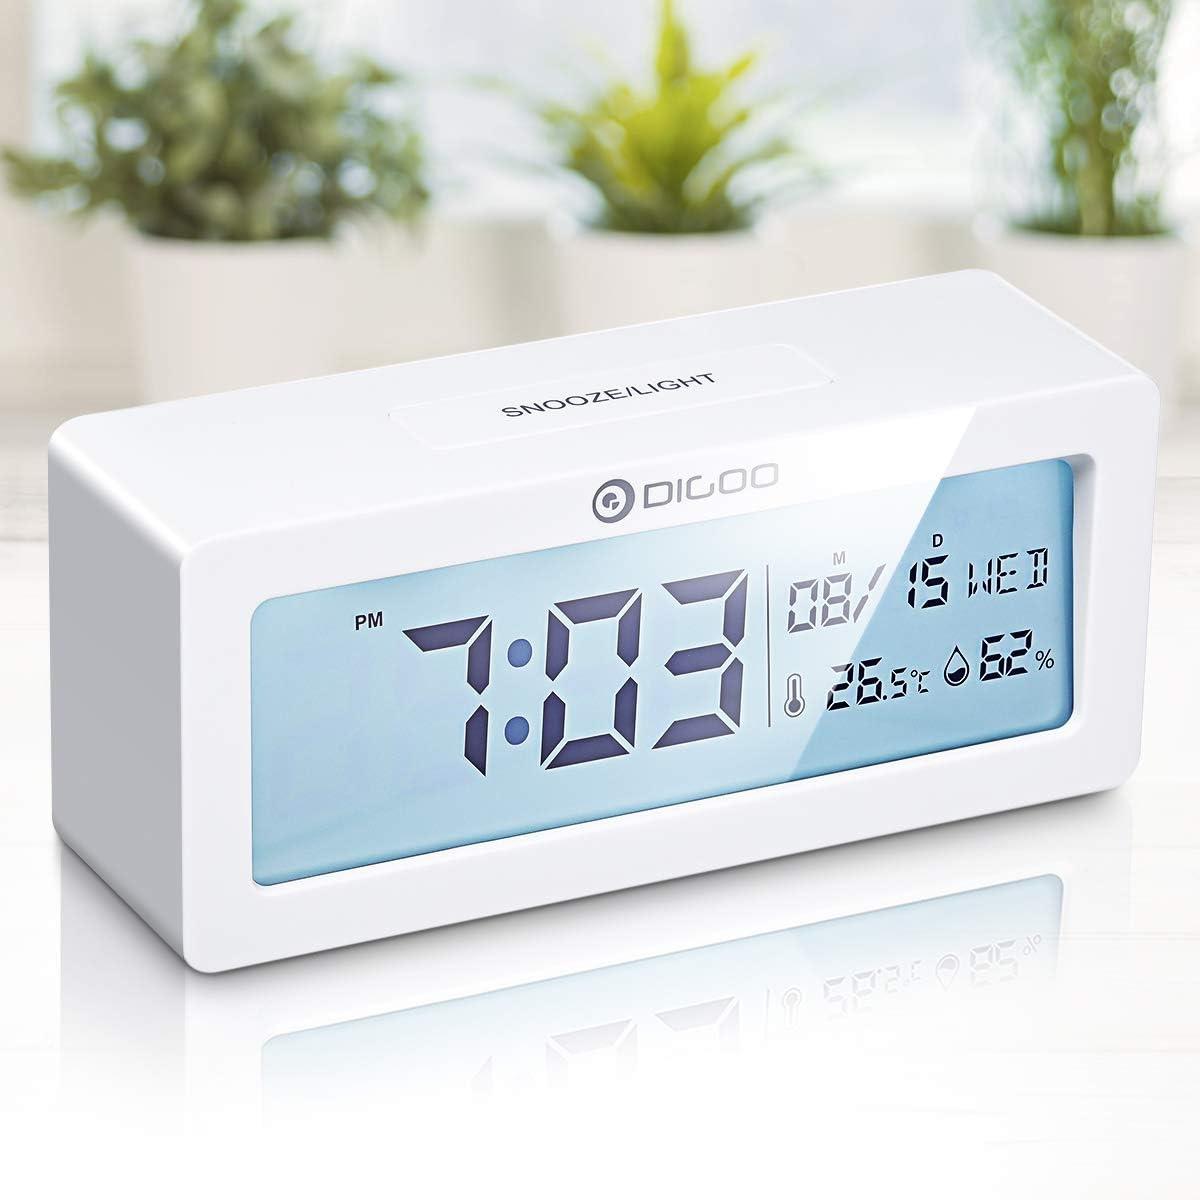 Reloj / despertador digital Digoo con calendario y termómetro por 10,99€ usando el #código: FAQTGFP6